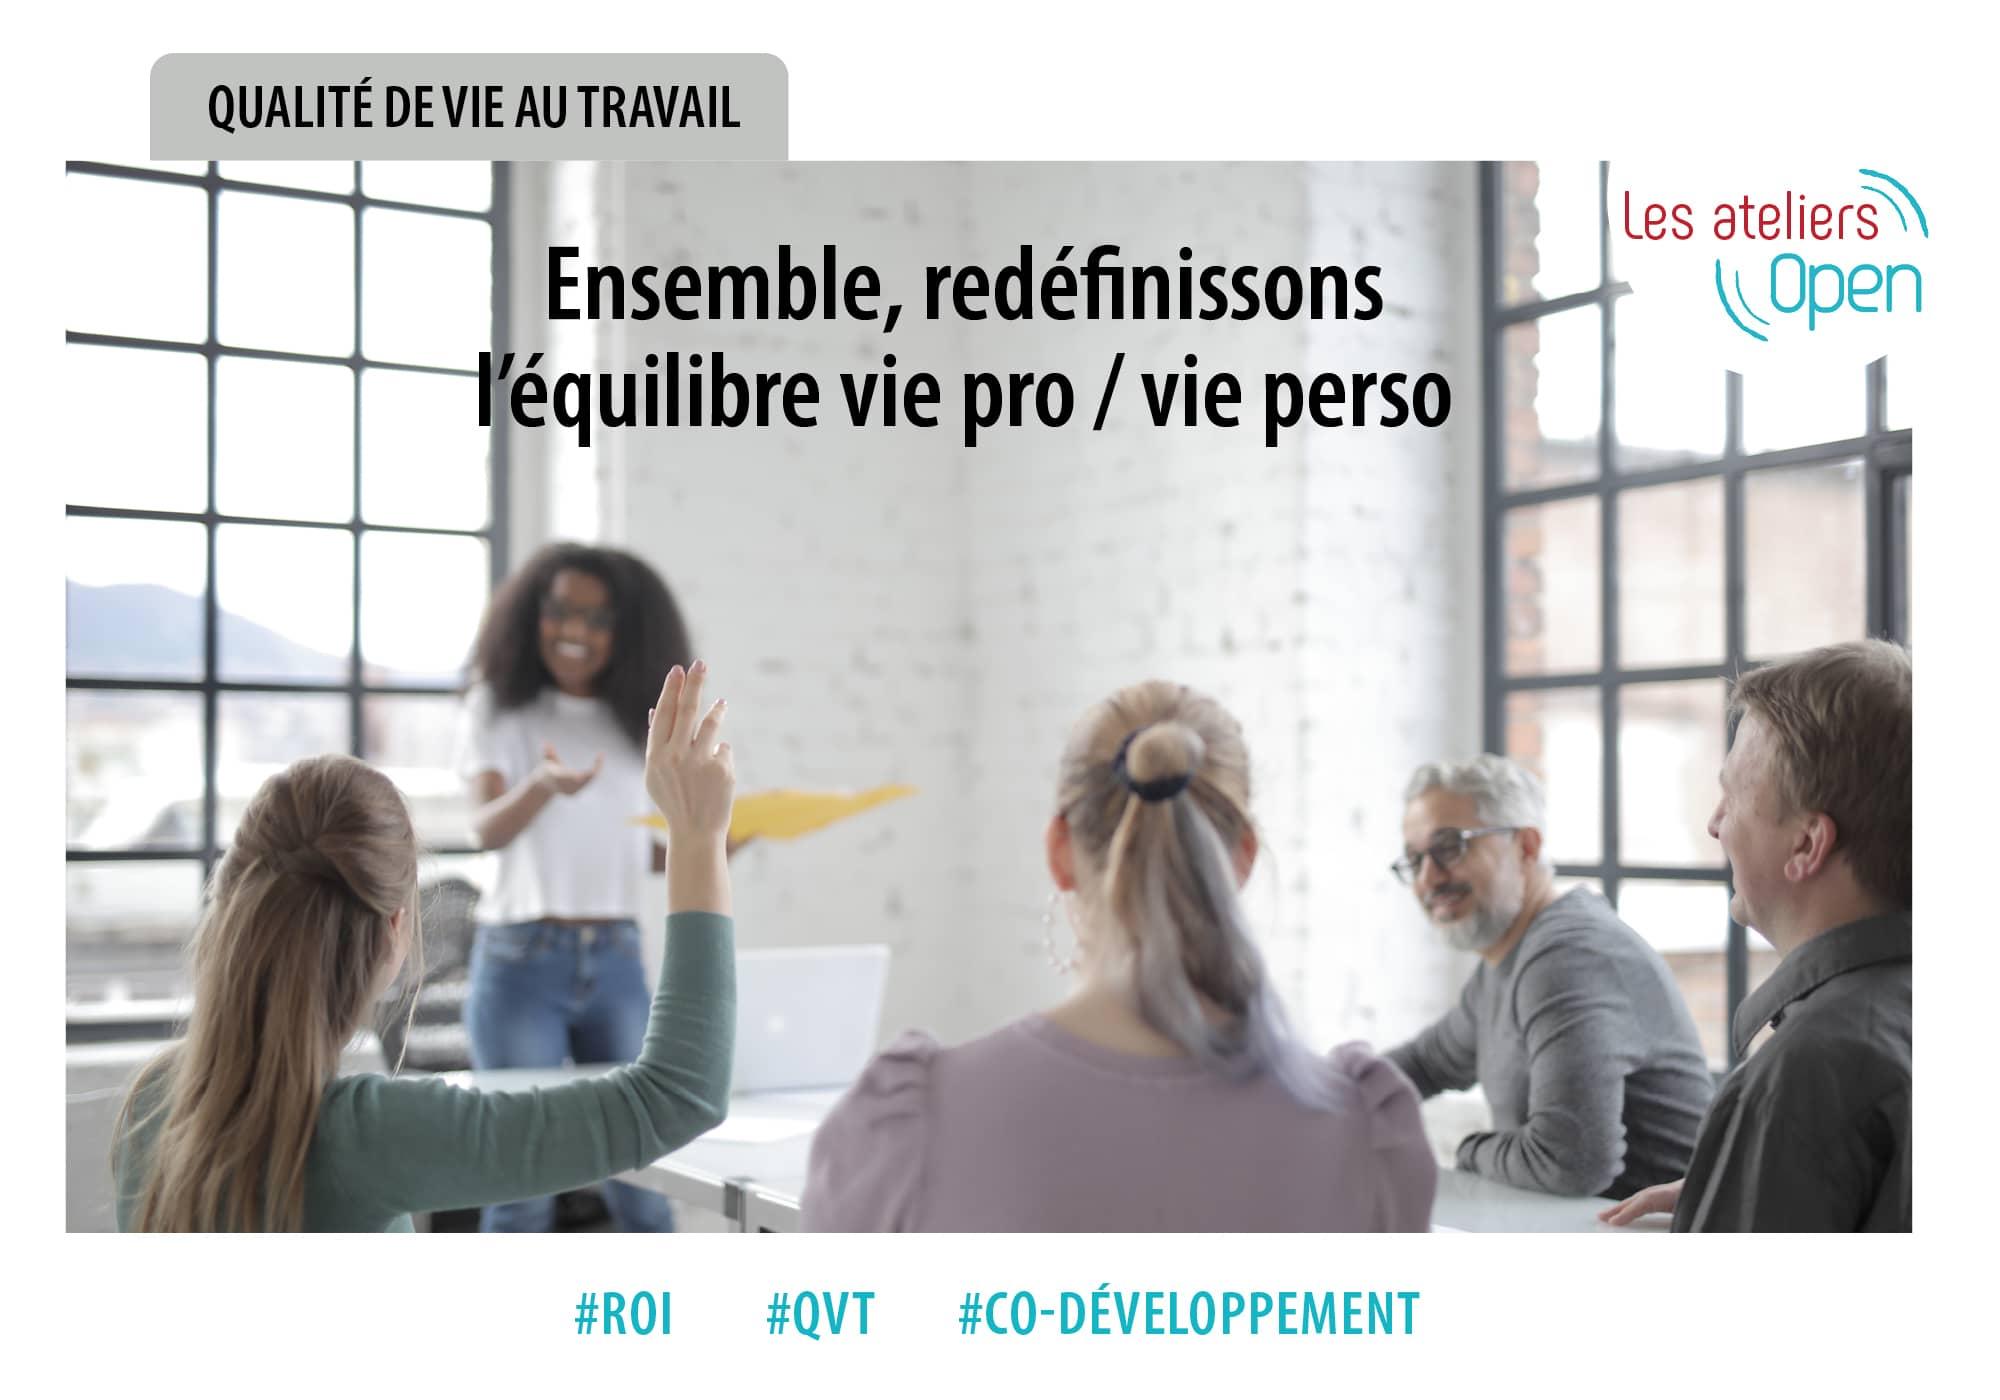 Open Your Com lance les ateliers Open ateliers de co-développement pour répondre à des problématiques d'entreprises : améliorer la qualité de vie au travail, QVT, optimisme, décloisonner les entités